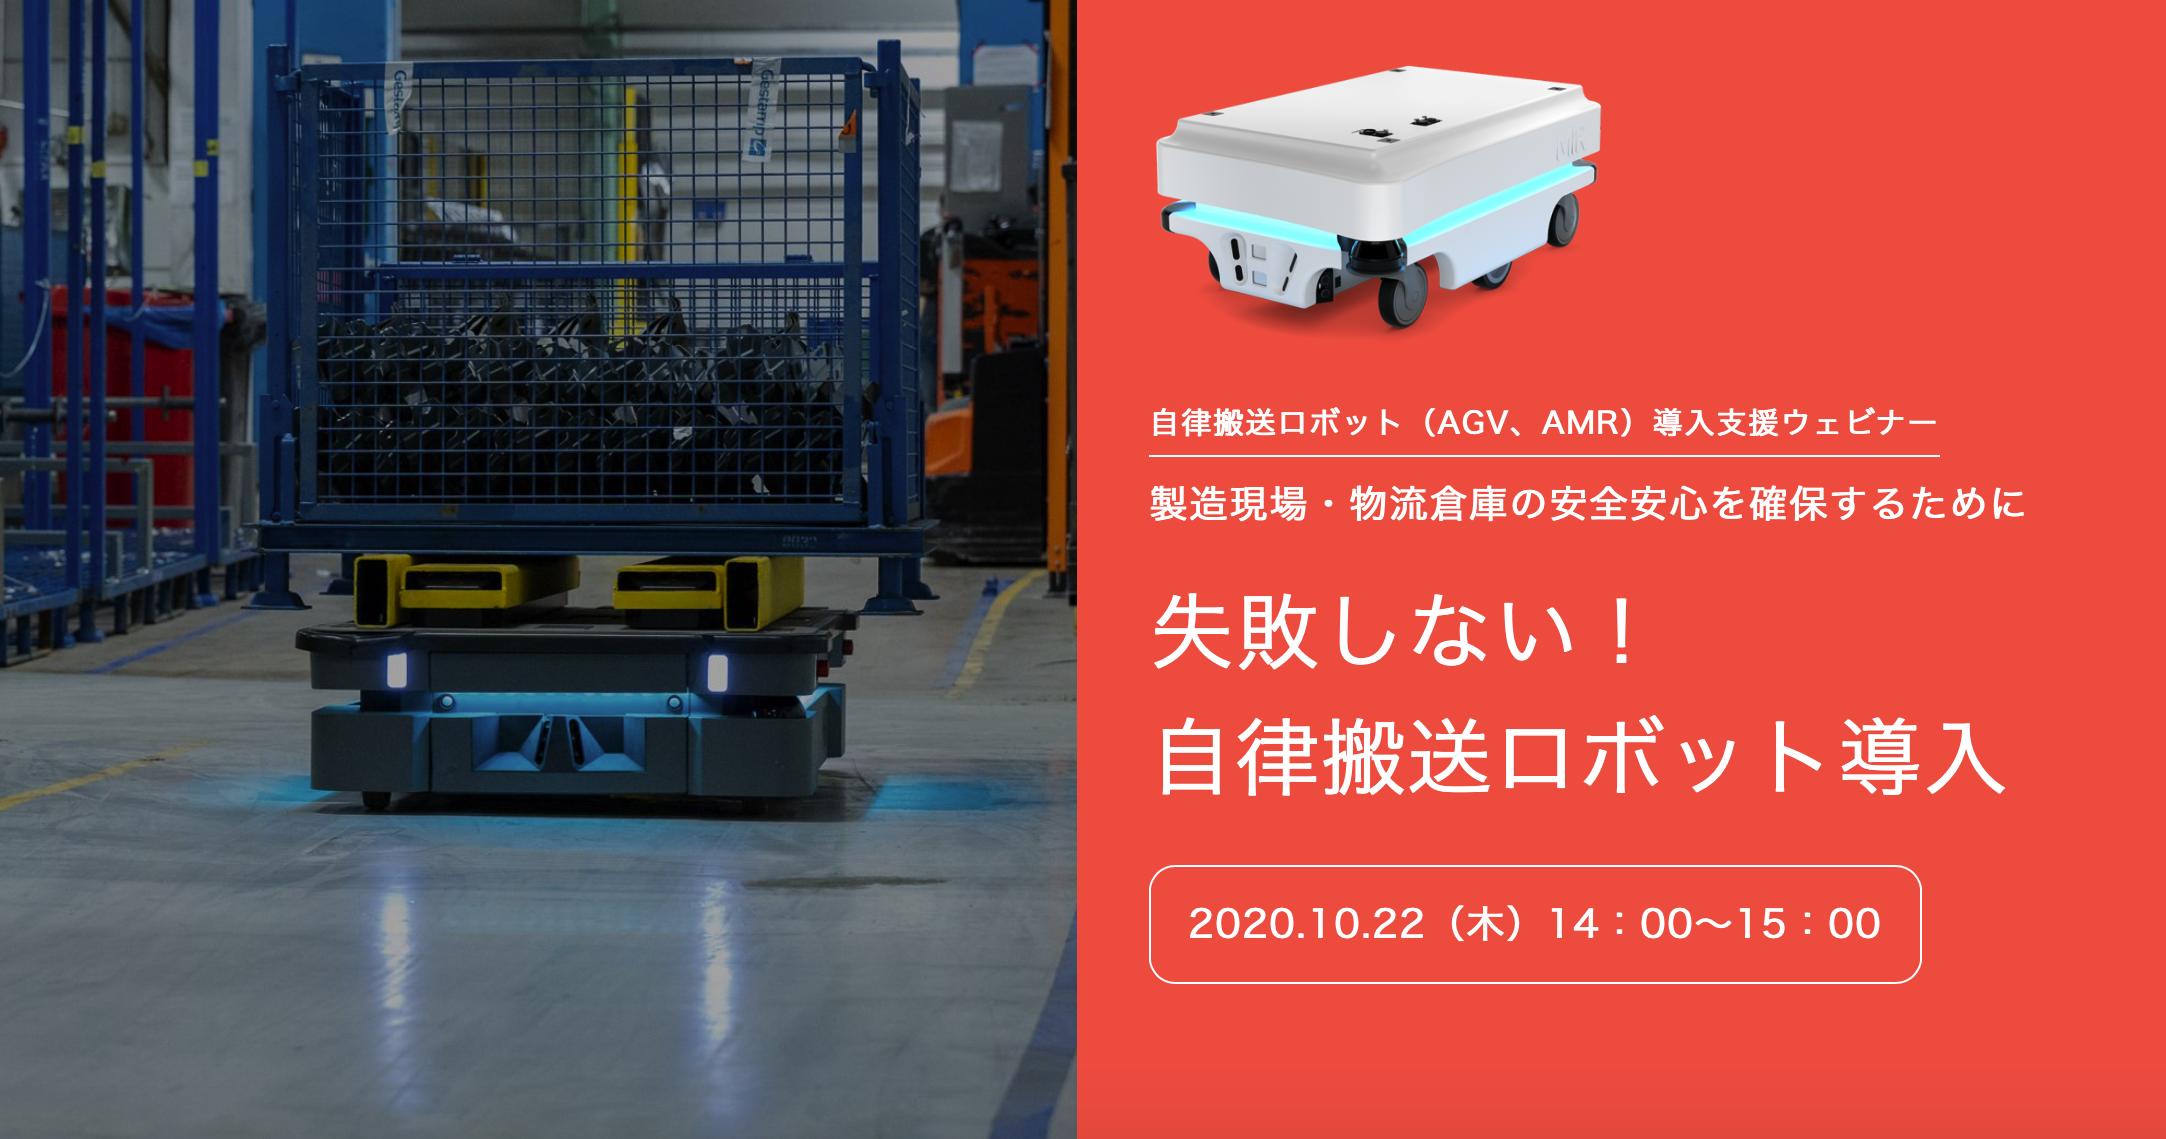 無料ウェビナー「失敗しない! 自律搬送ロボット導入」10/22実施 ※終了いたしました。